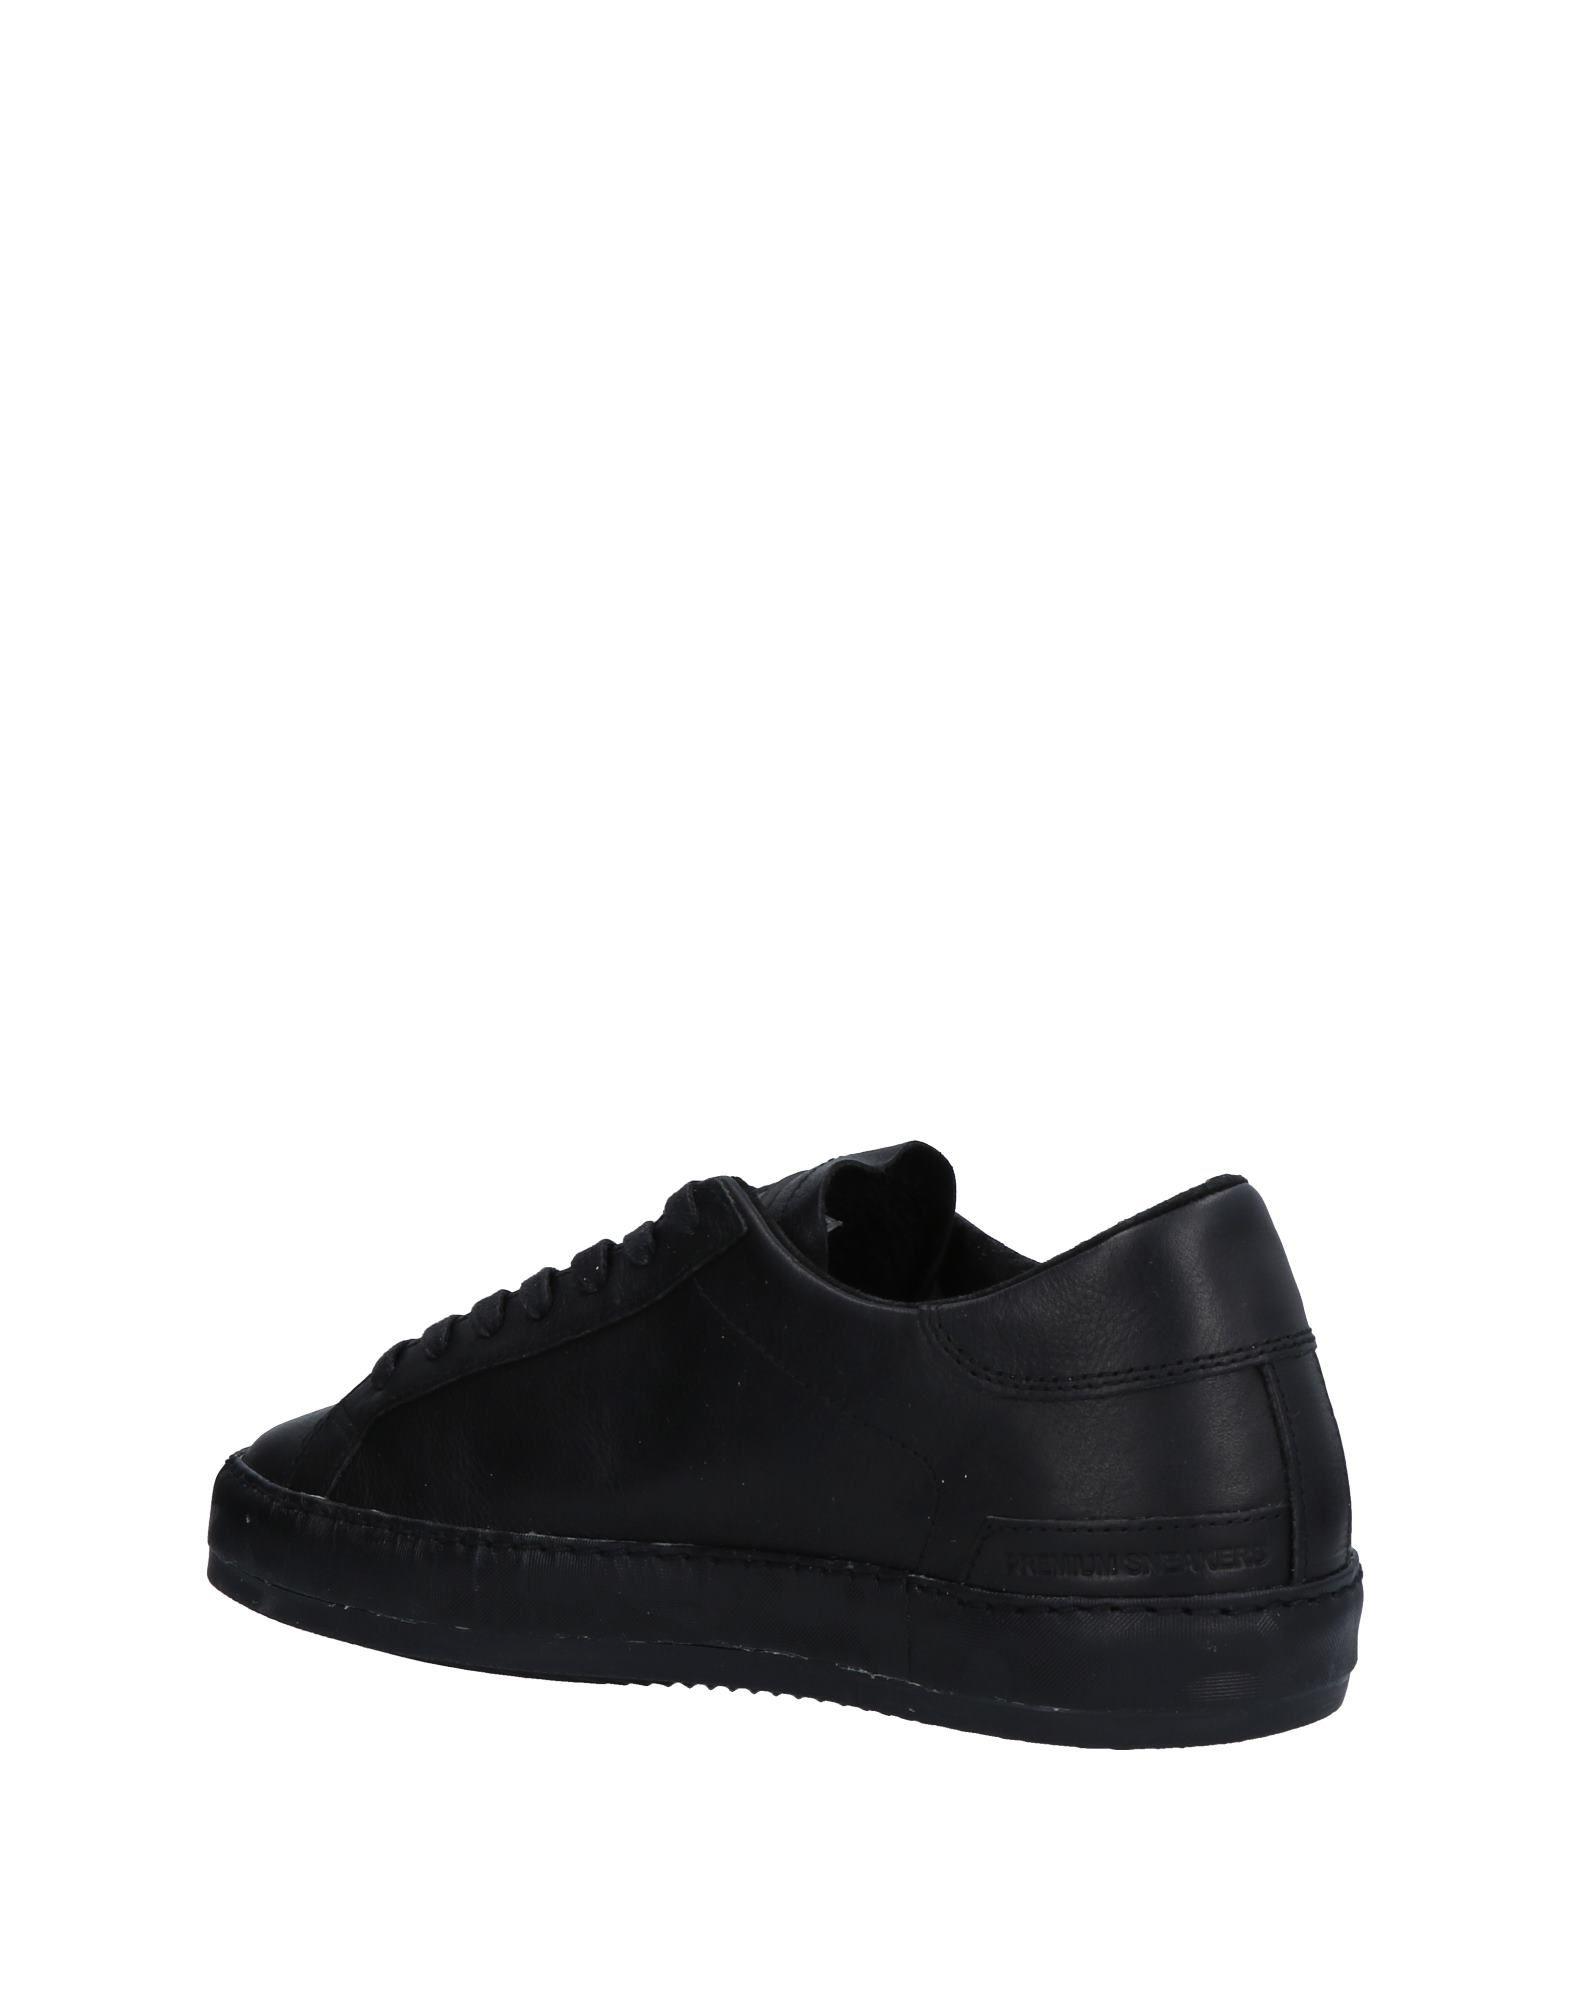 D.A.T.E. Sneakers Herren  11510693WW 11510693WW  b7af97